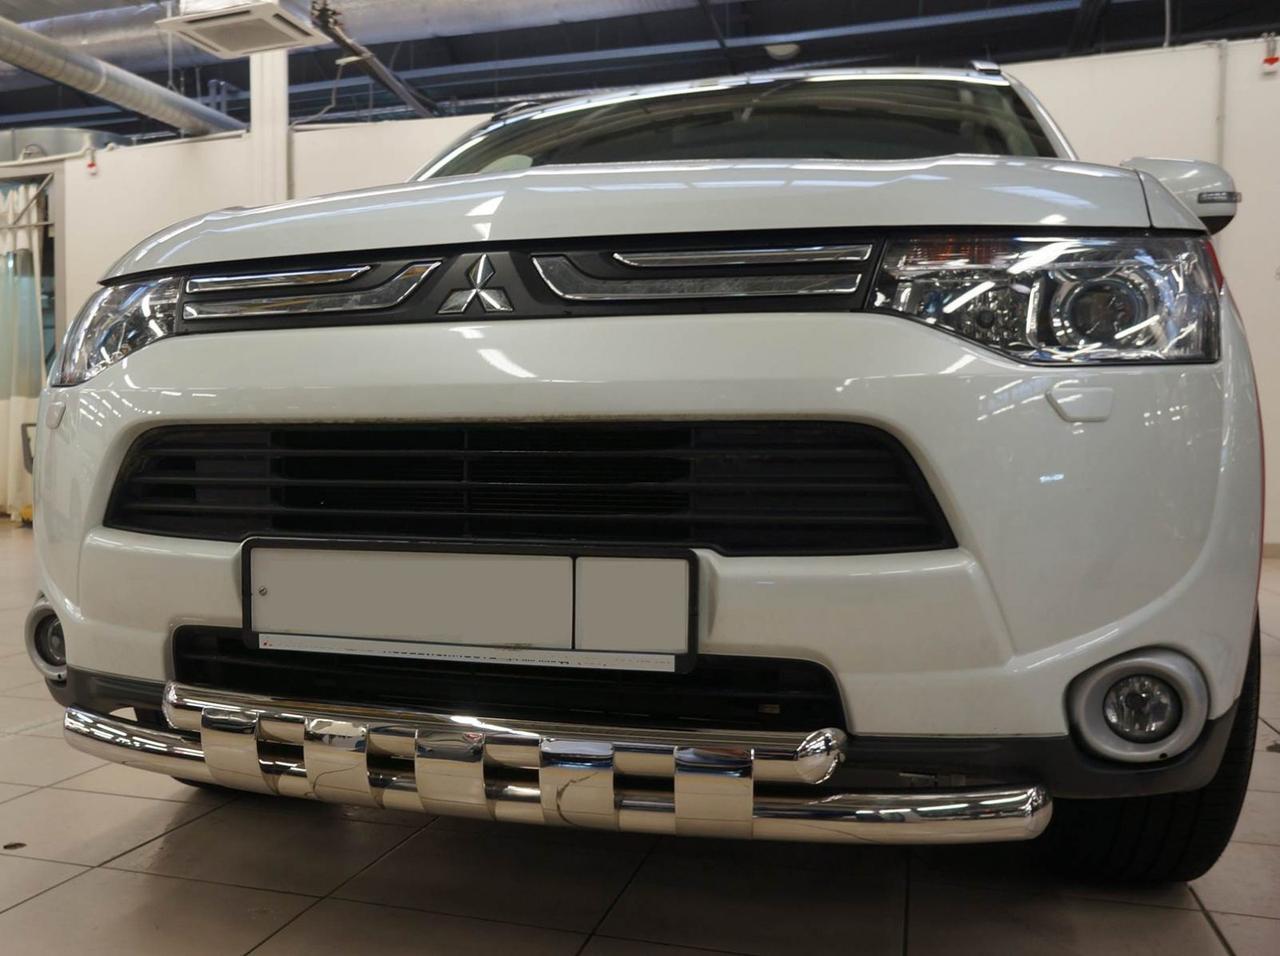 Защита переднего бампера двойная с зубьями для Mitsubishi Outlander 2012+